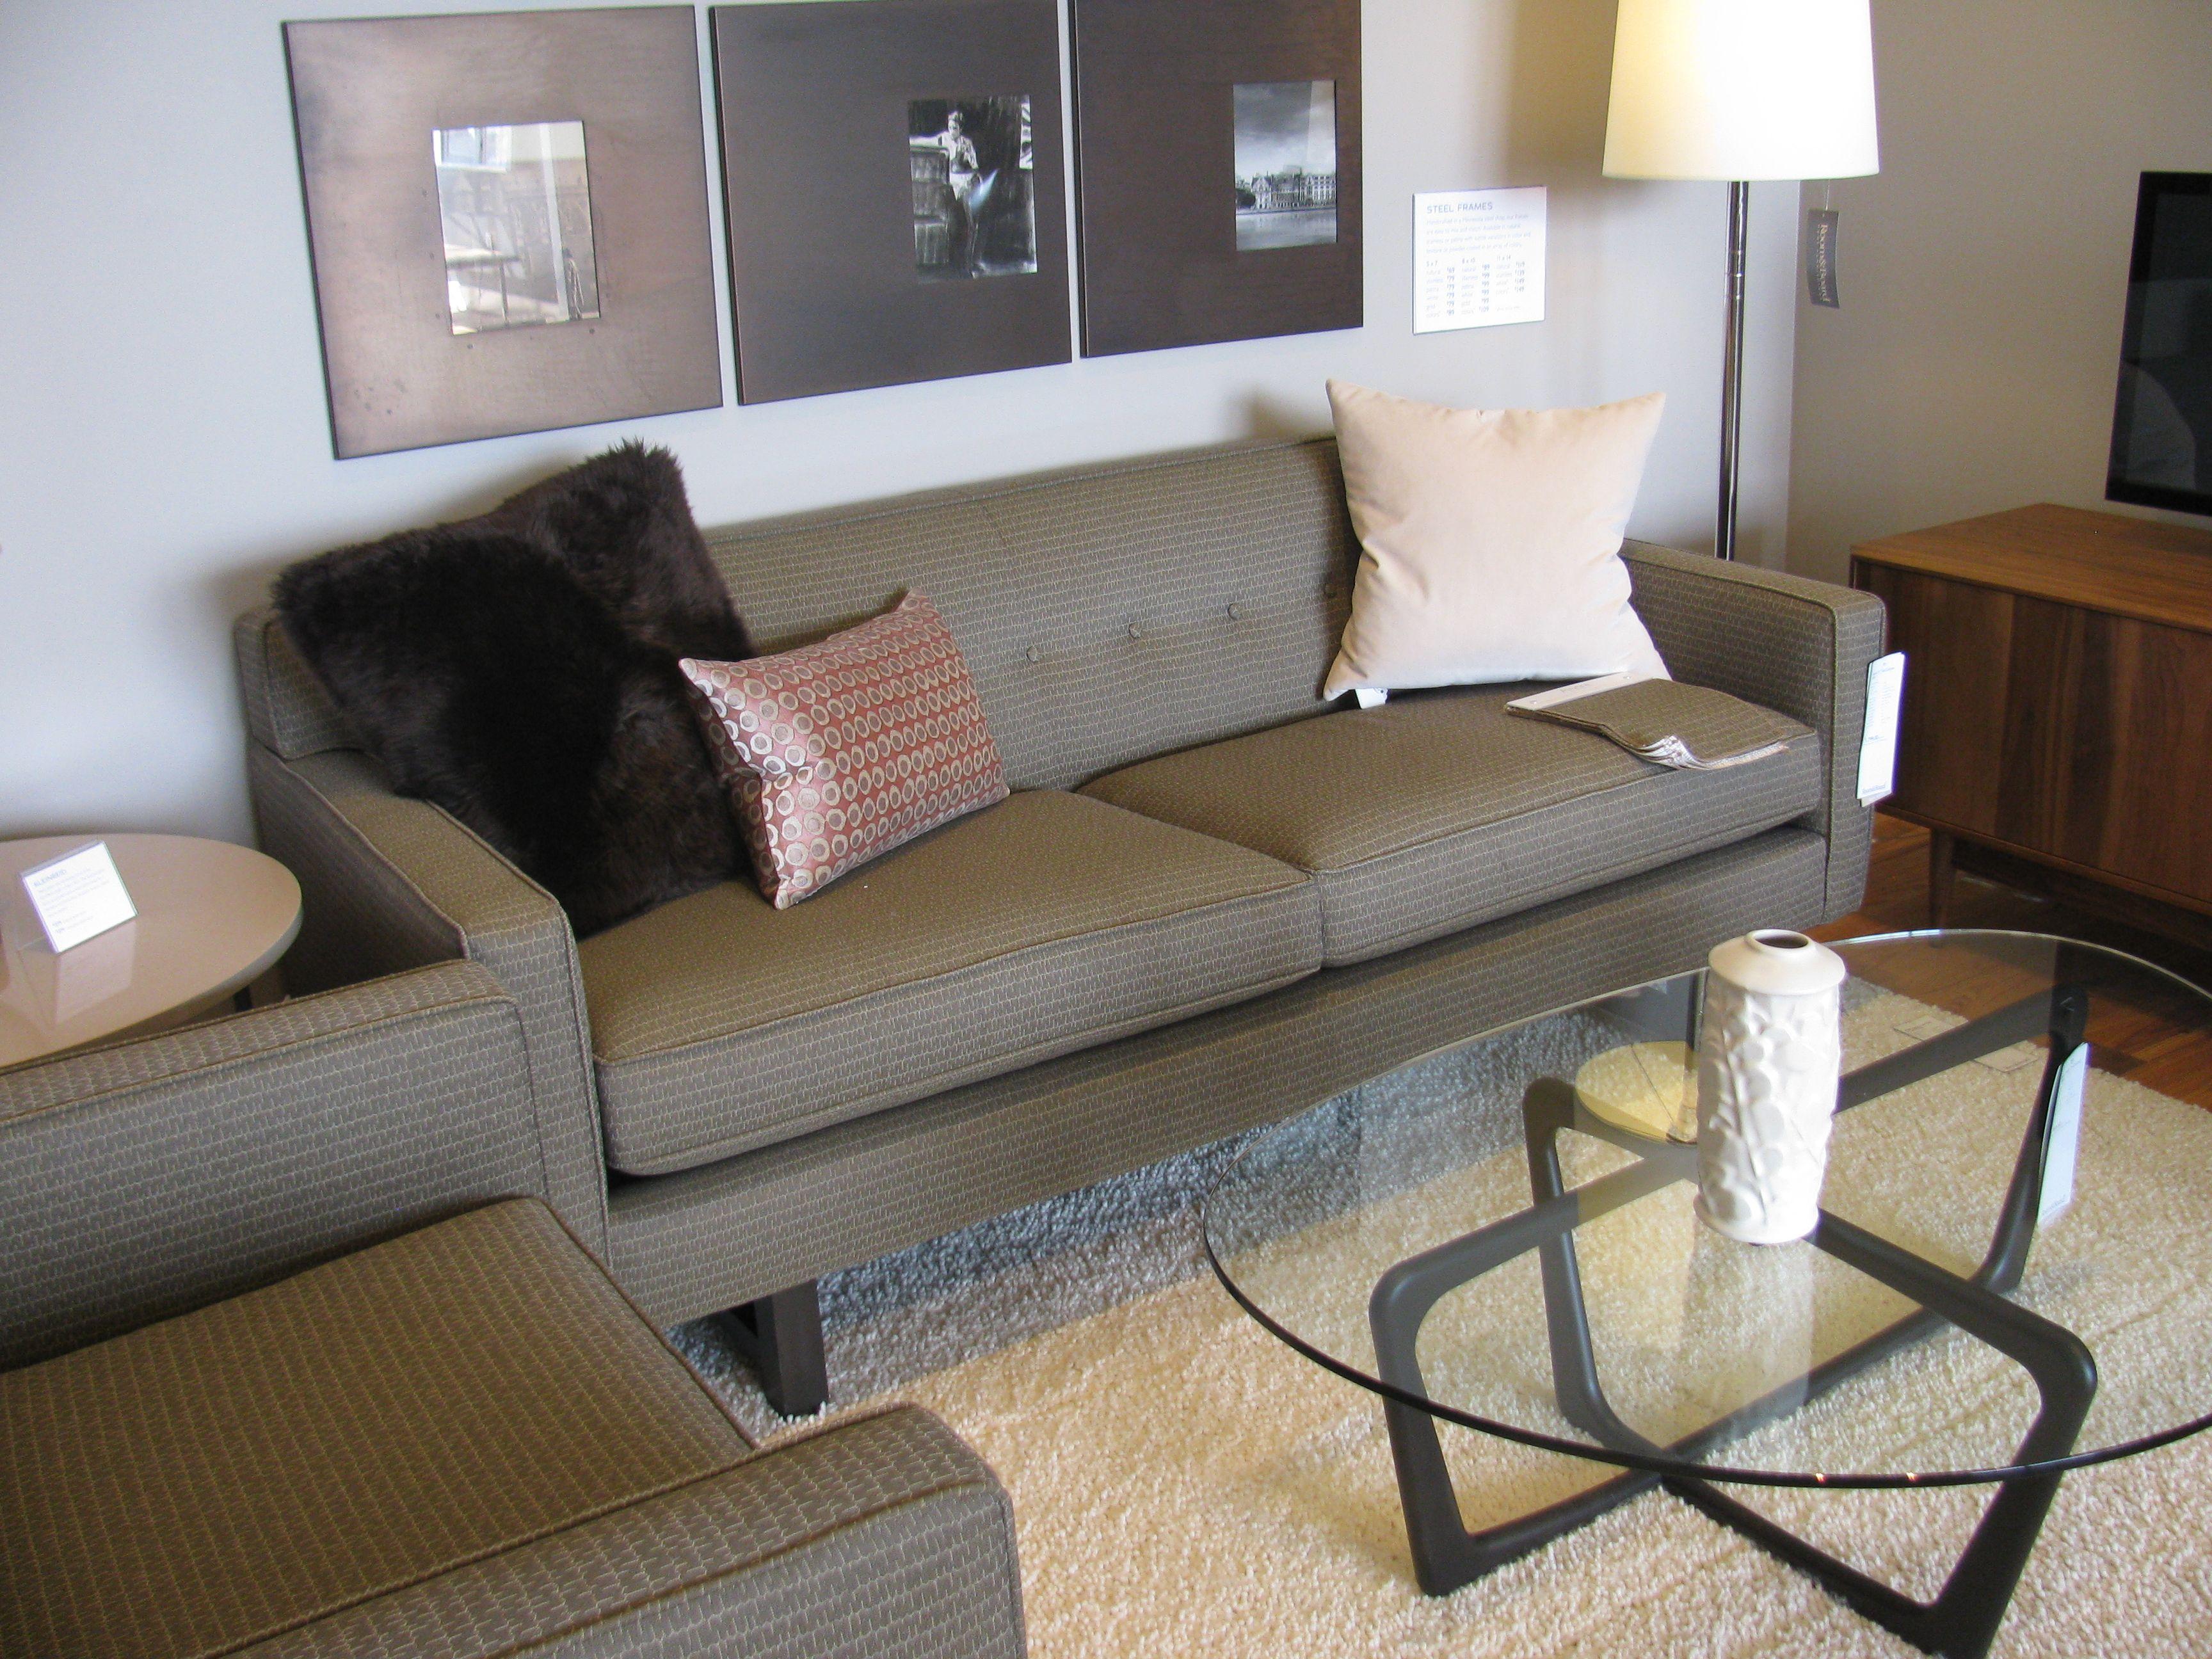 Room And Board Metro Sleeper Sofa Small Velvet Andre Living Pinterest